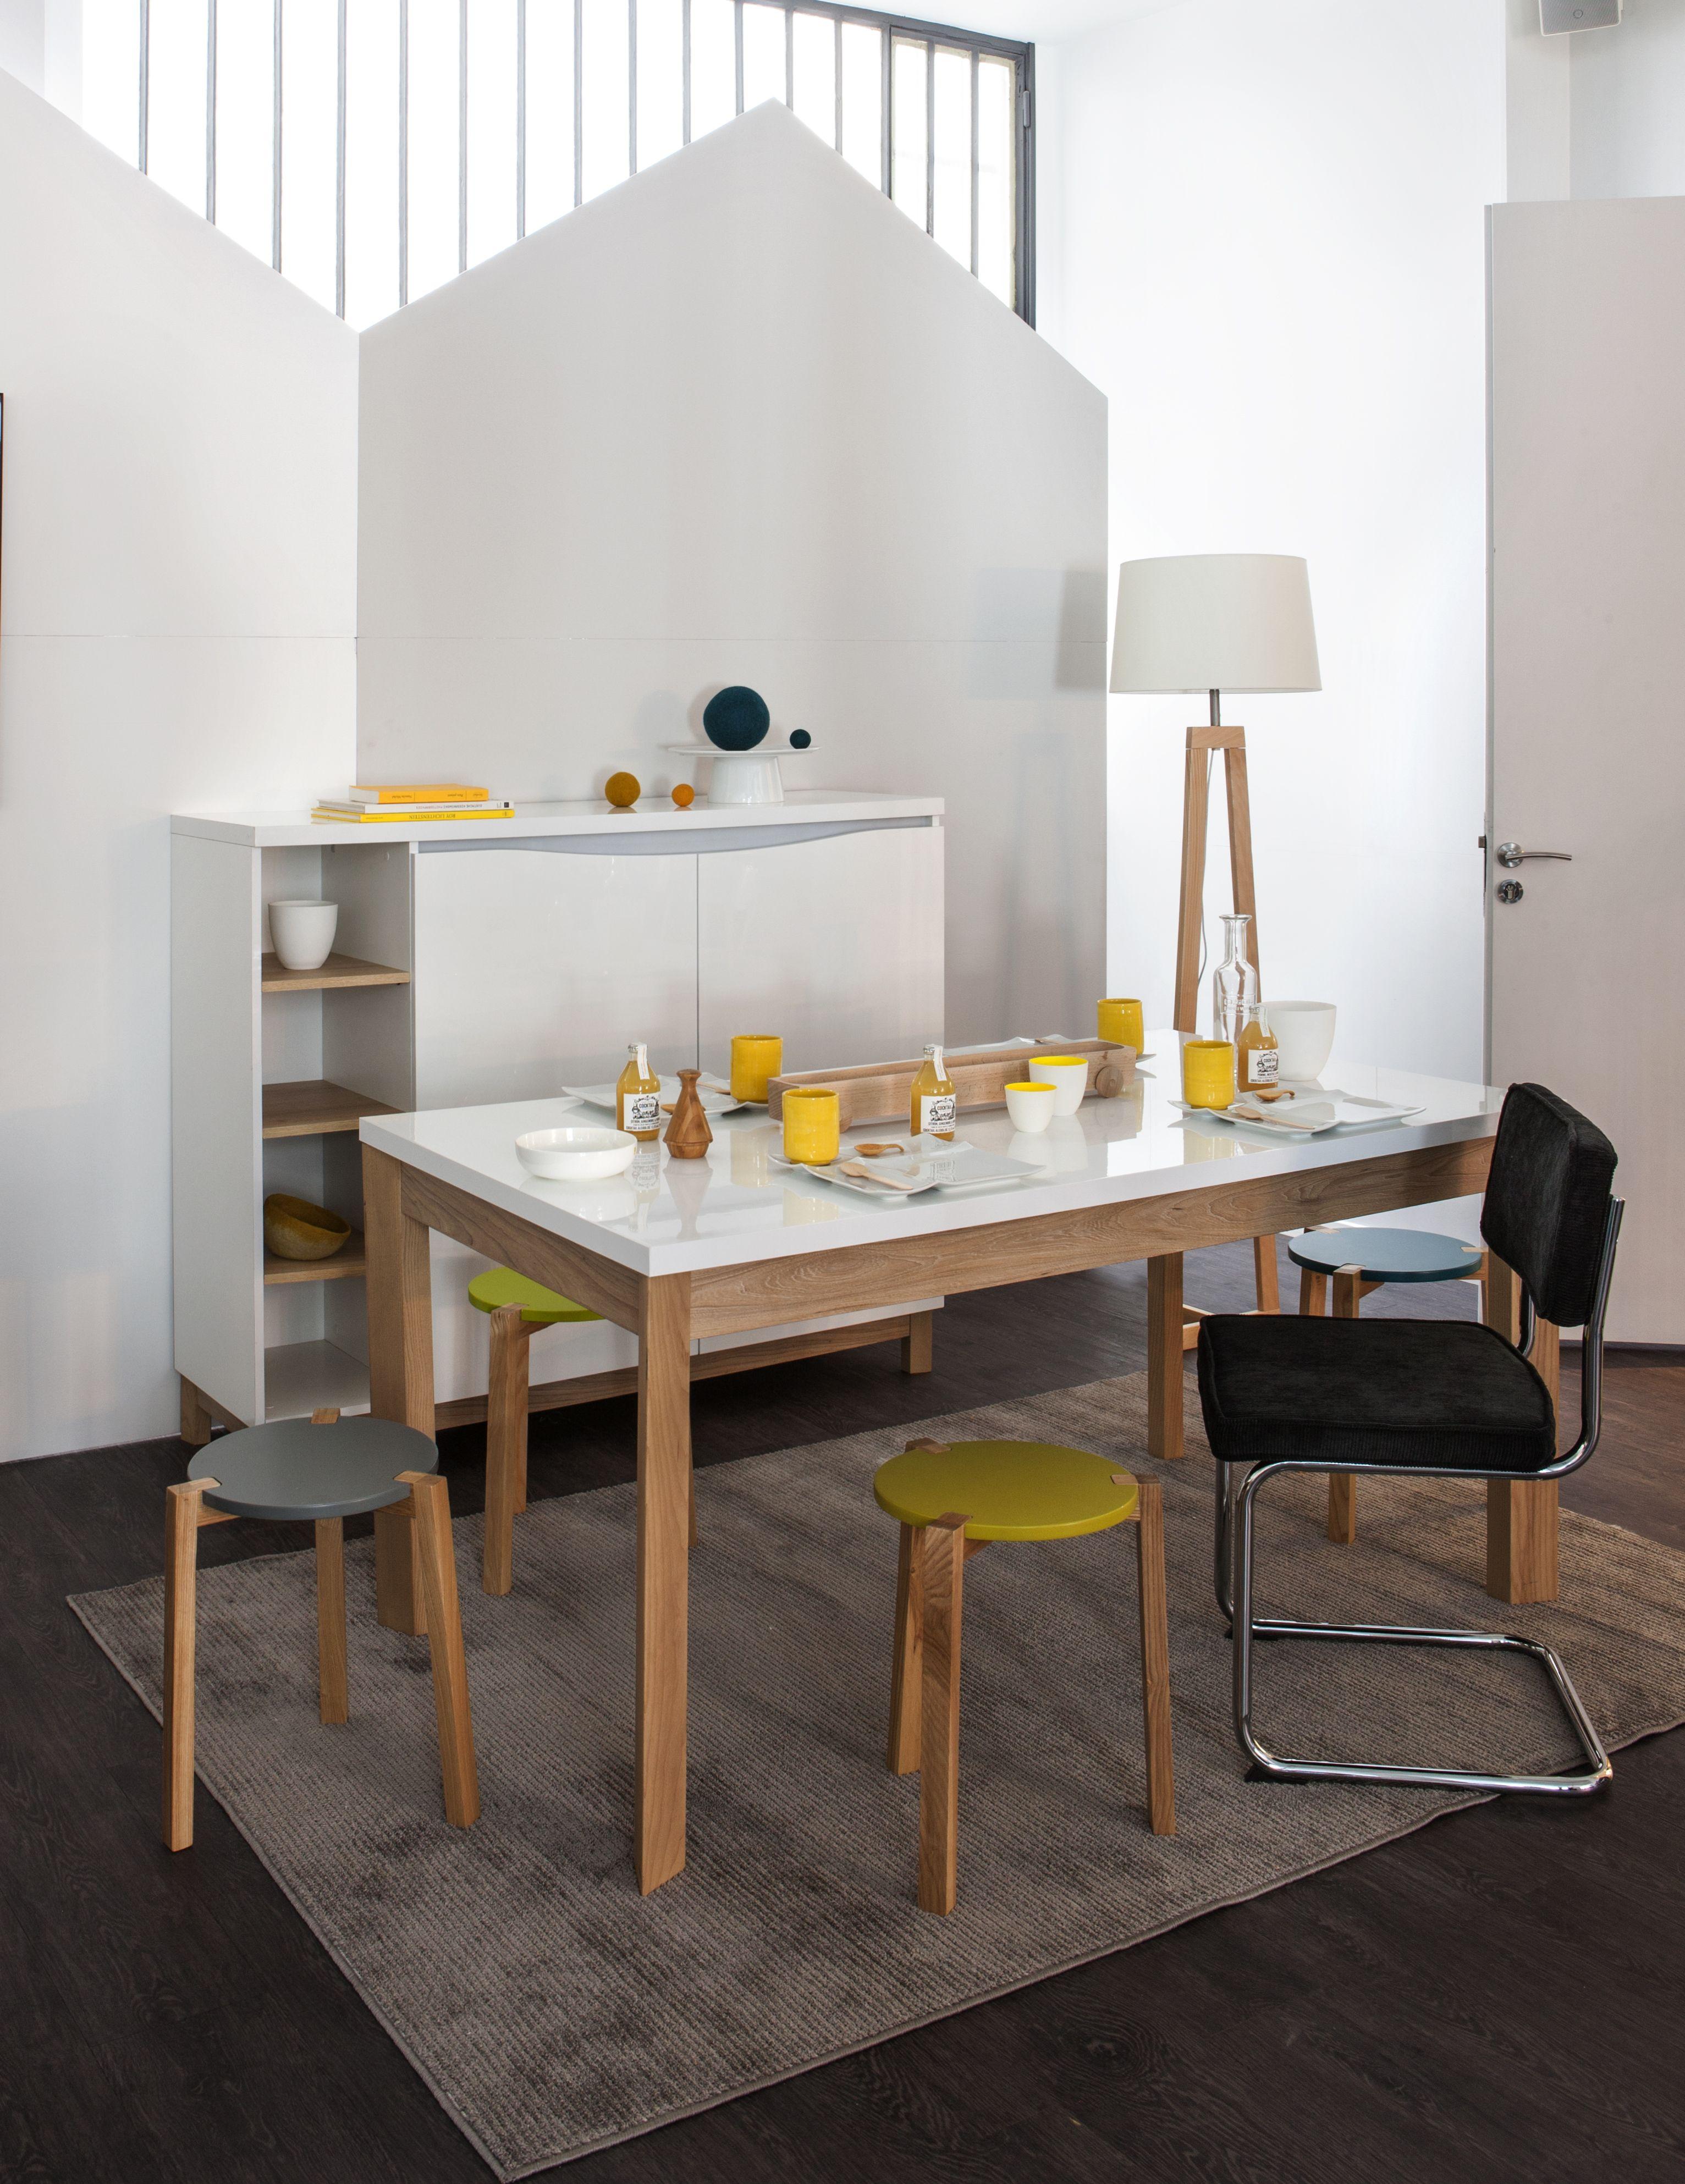 Table rectangulaire en bois clair chaises scandinaves et suspension - Ambiance D Co Scandinave Table Et Commode Almera Tabouret Couleur Et Bois Romeo Chaise